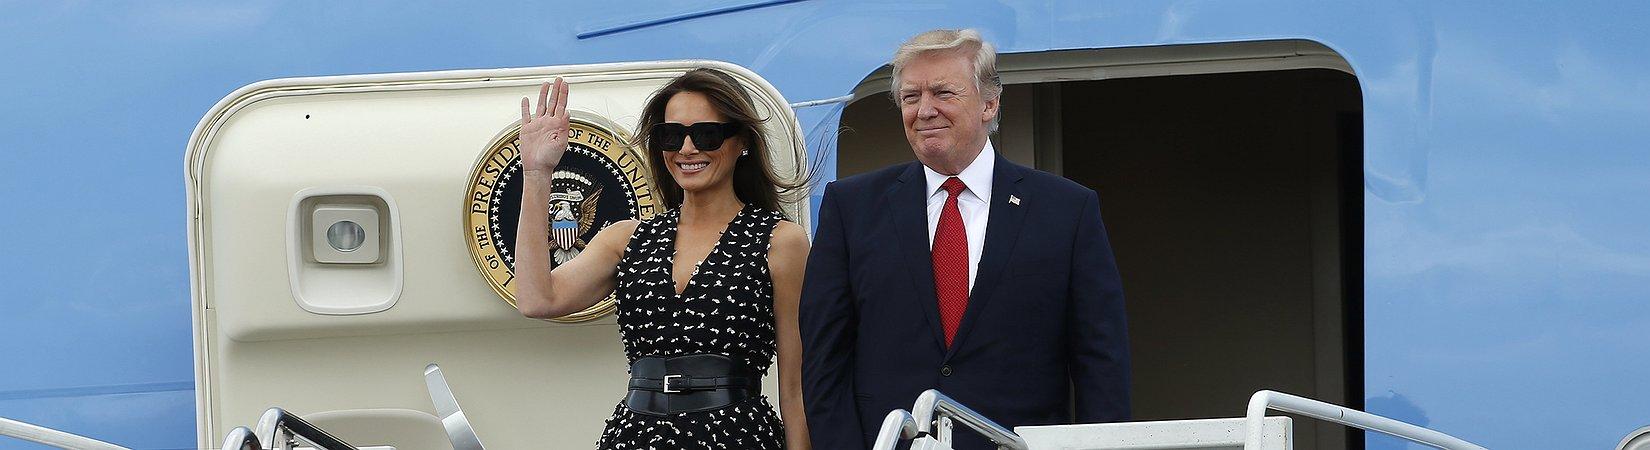 Donald Trump inicia primeira viagem internacional